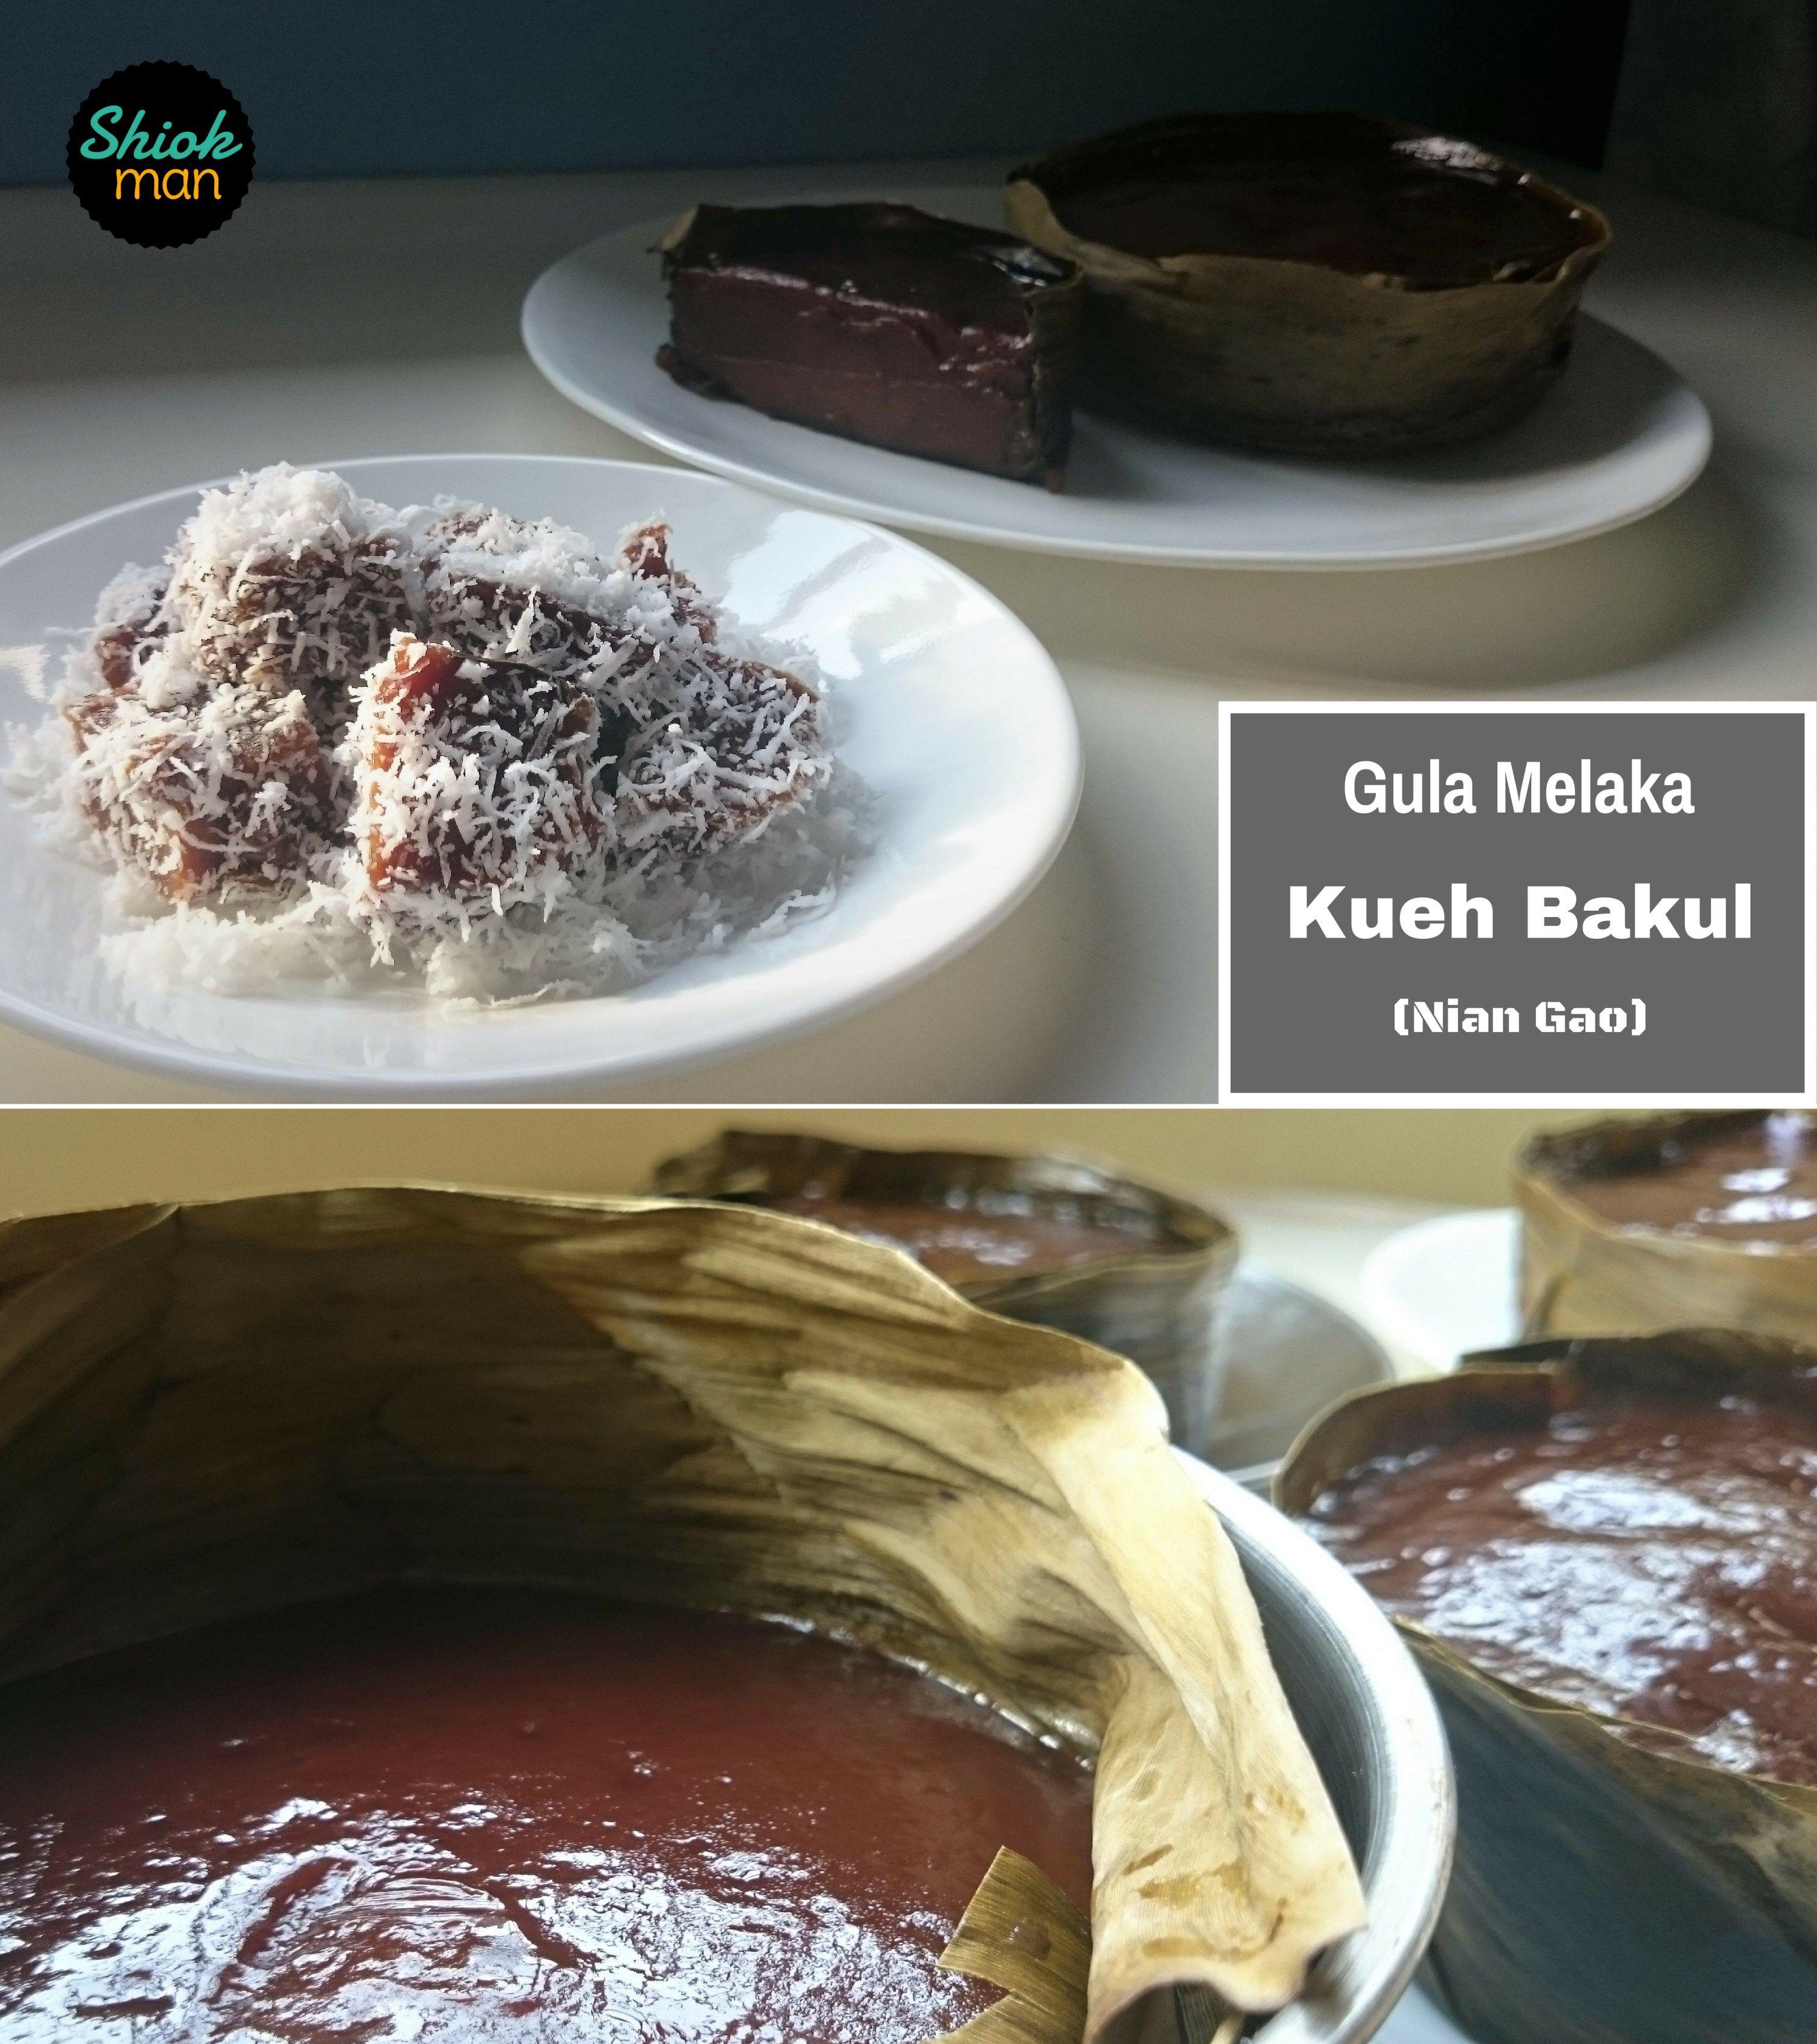 Kueh Bakul Nian Gao With Gula Melaka Shiokman Recipes Recipe Steamed Cake Food Blog How To Make Cake